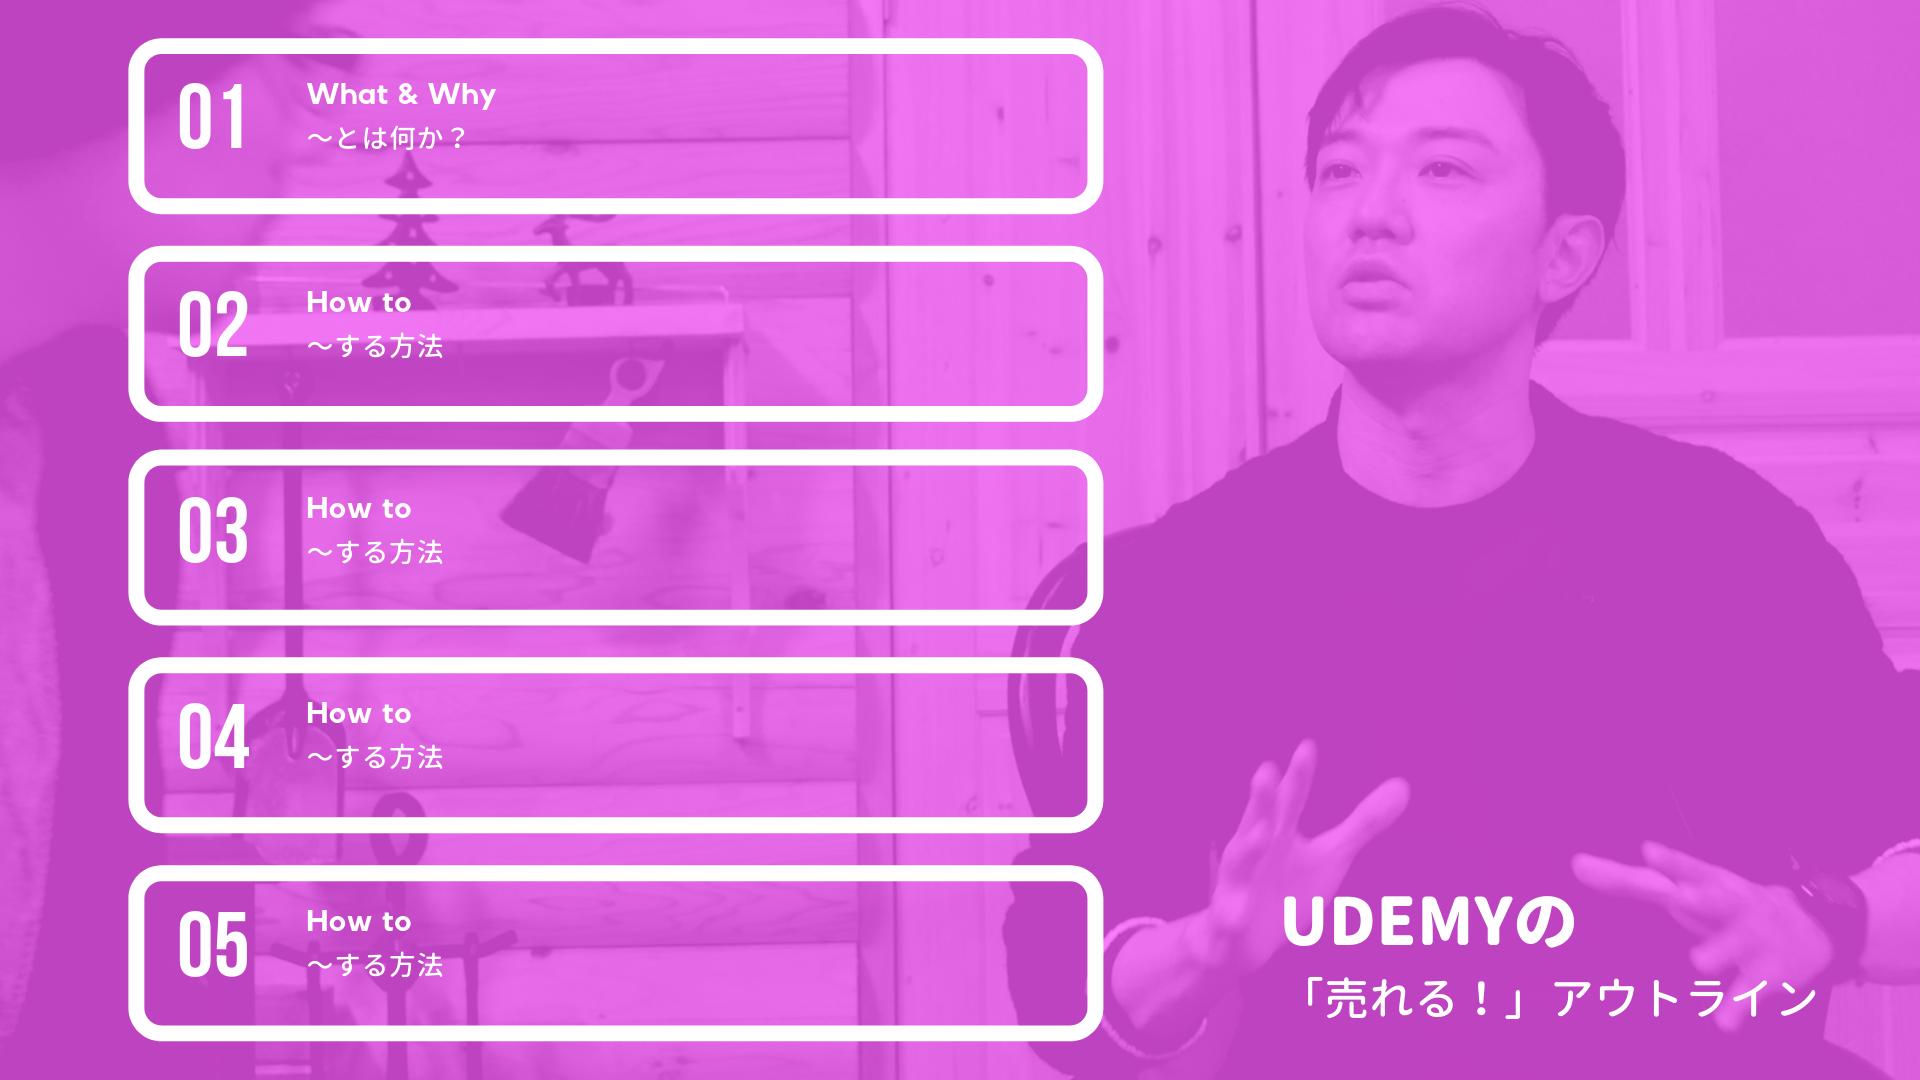 Udemyの売れるコースのアウトライン